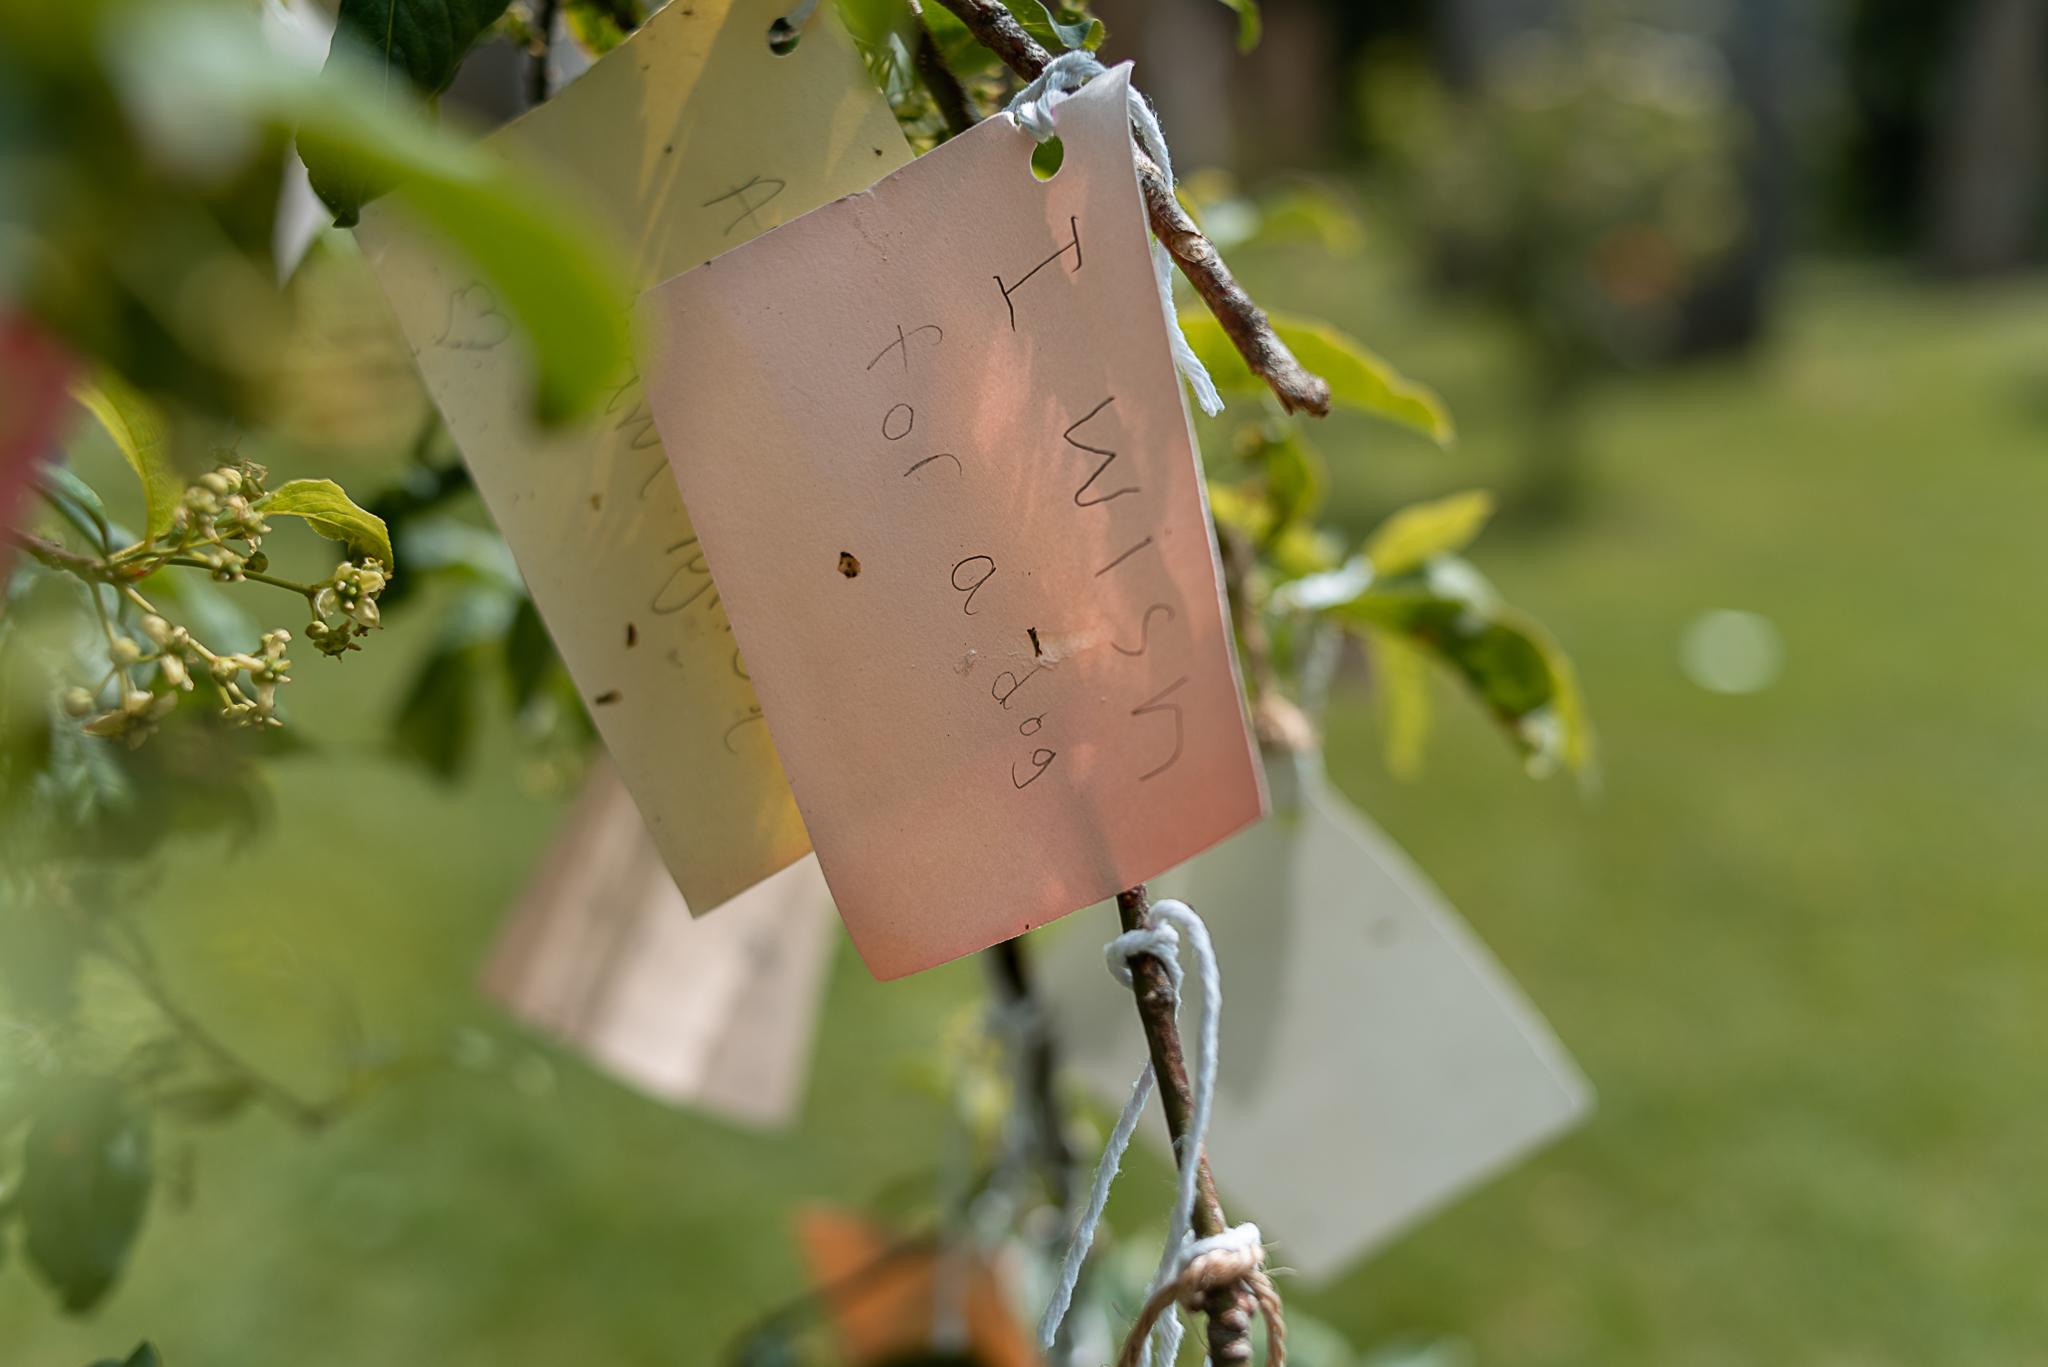 brigit's garden, tinyboots, connemara, galway